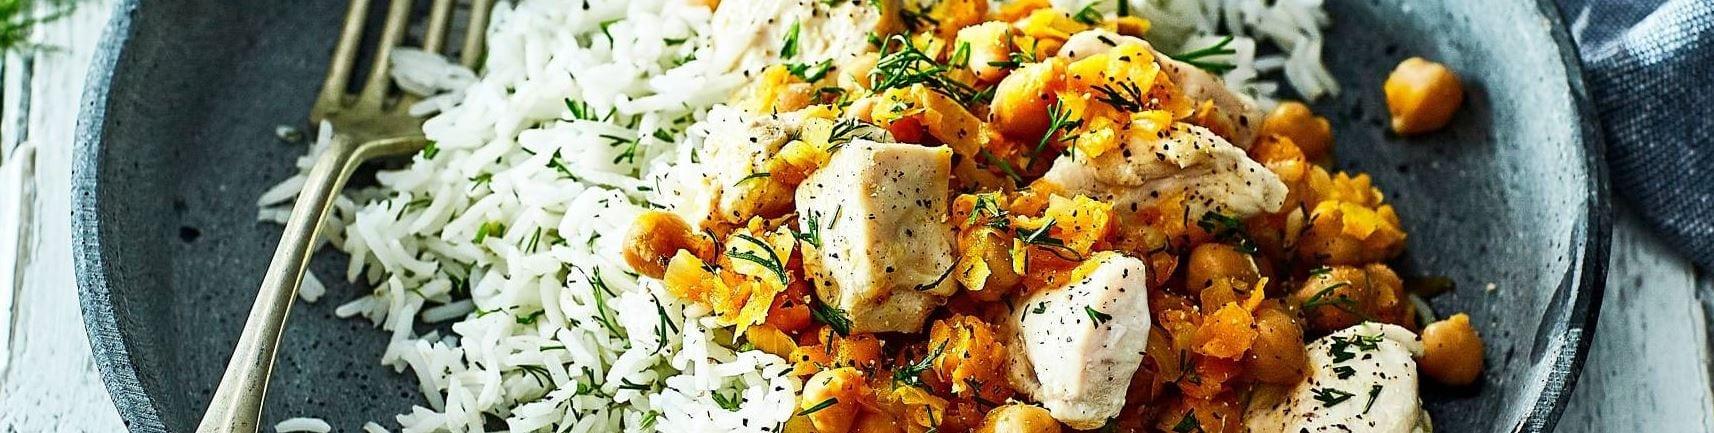 Kruidige kip met rijst en kikkererwten